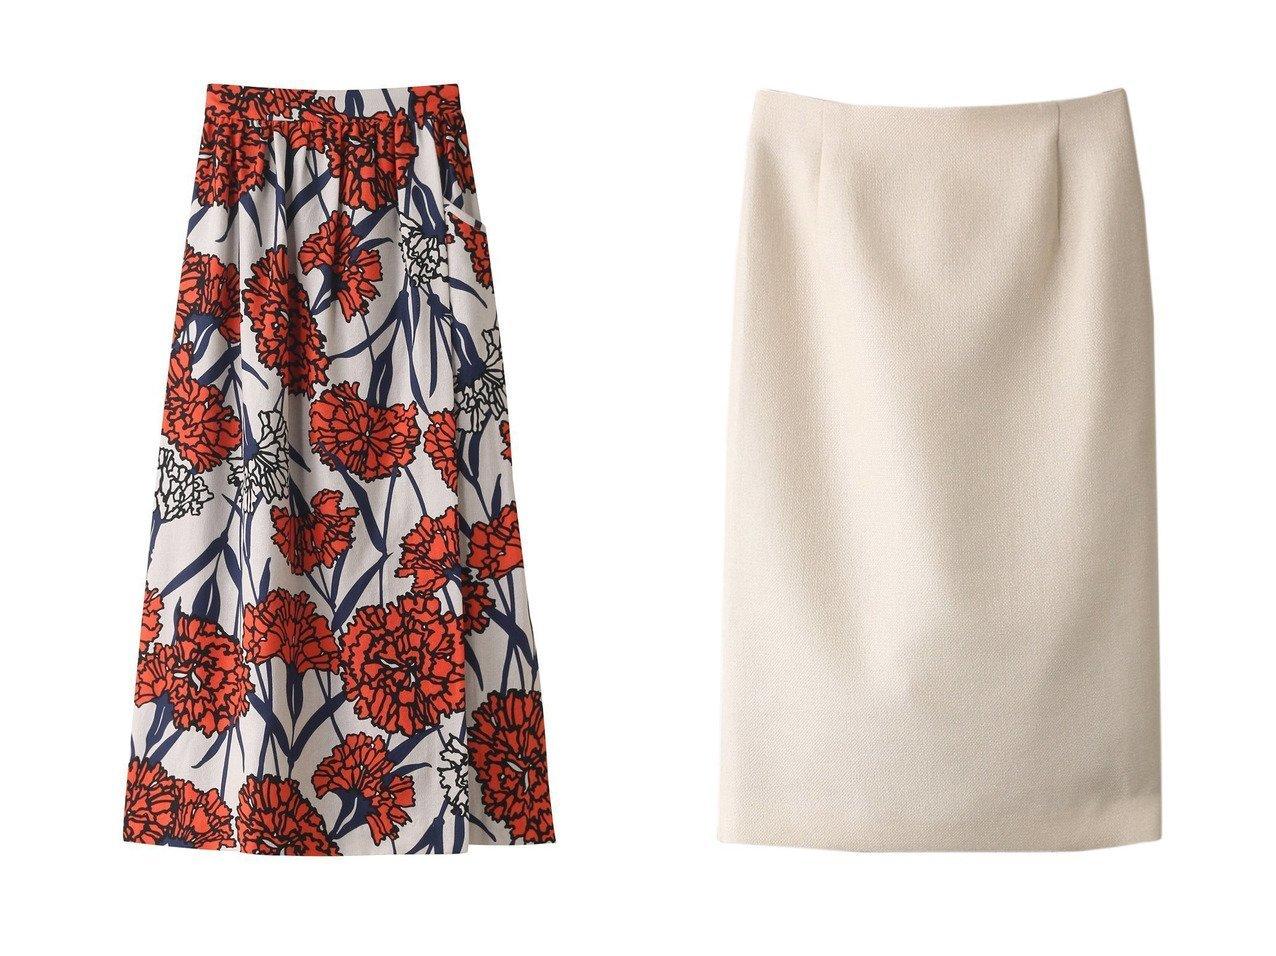 【ANAYI/アナイ】のEバスケットストレッチタイトスカート&【ROSE BUD/ローズバッド】の【mici】フラワープリントロングスカート 【スカート】おすすめ!人気トレンド・レディースファッション通販 おすすめで人気の流行・トレンド、ファッションの通販商品 インテリア・家具・メンズファッション・キッズファッション・レディースファッション・服の通販 founy(ファニー) https://founy.com/ ファッション Fashion レディースファッション WOMEN スカート Skirt ロングスカート Long Skirt S/S・春夏 SS・Spring/Summer おすすめ Recommend シンプル ジャケット セットアップ タイトスカート バスケット 夏 Summer 春 Spring カットソー トレンド フラワー プリント ロング  ID:crp329100000051518